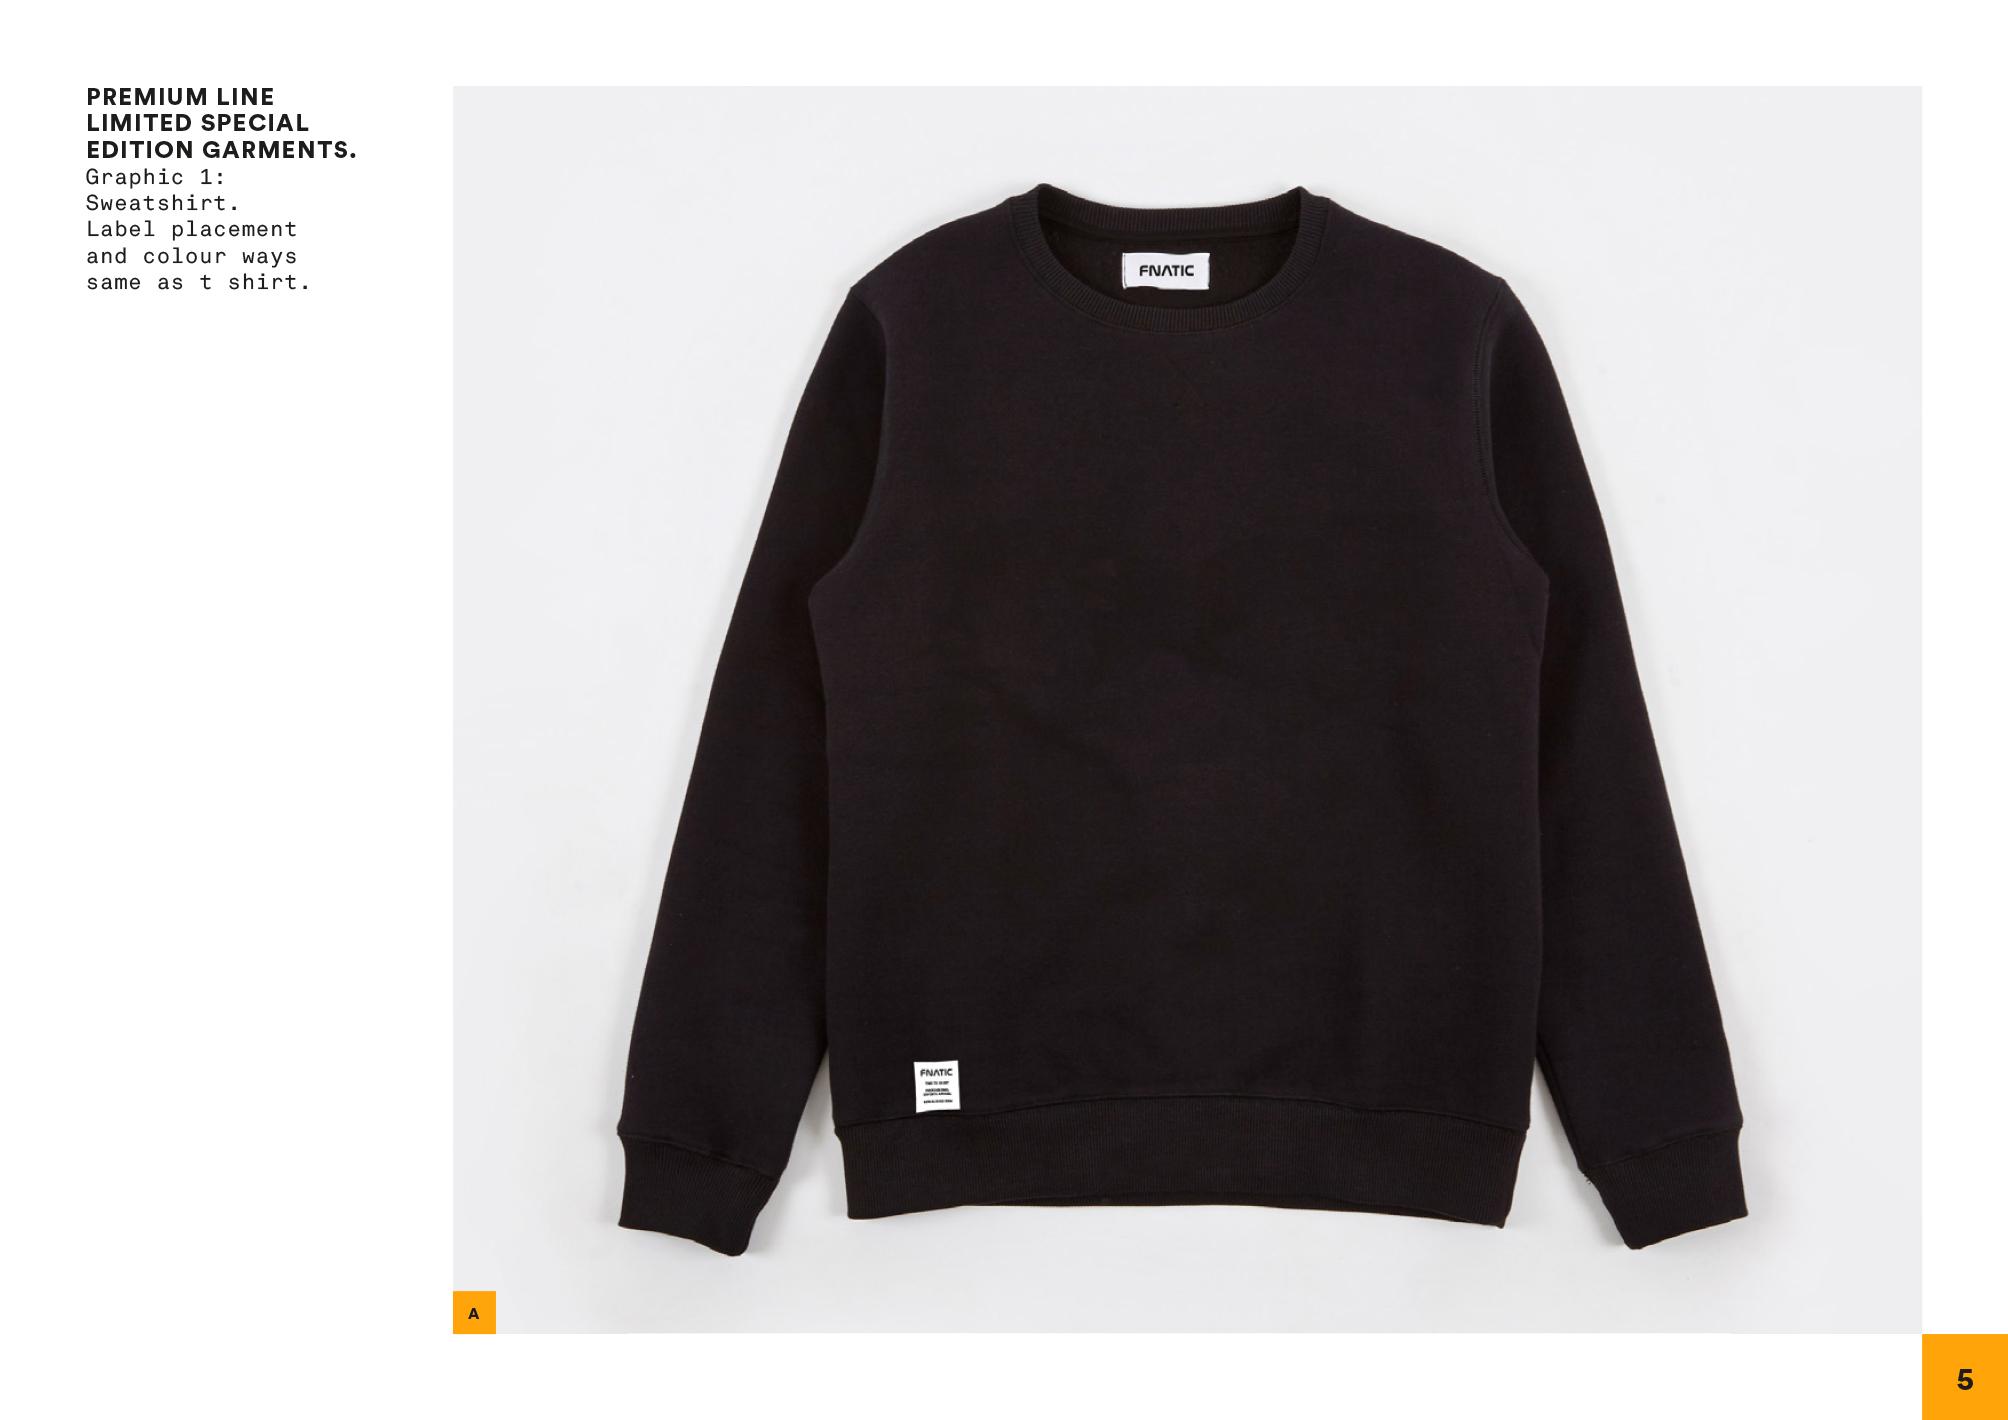 Fnatic clothing Robin Farley 2017-5